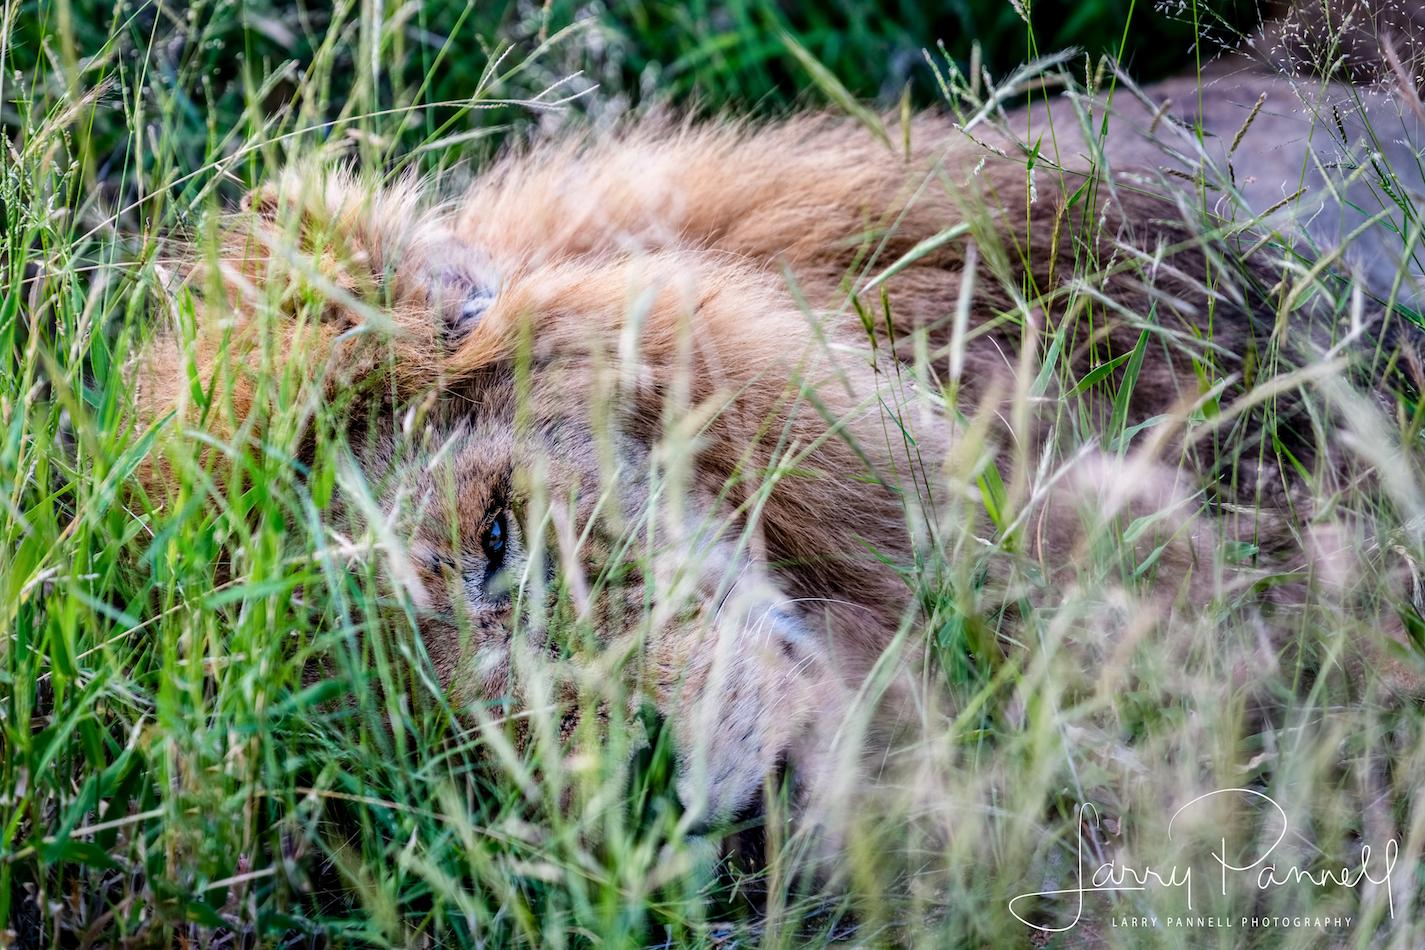 やせたかなしい老ライオンが激写される  [657220922]->画像>17枚